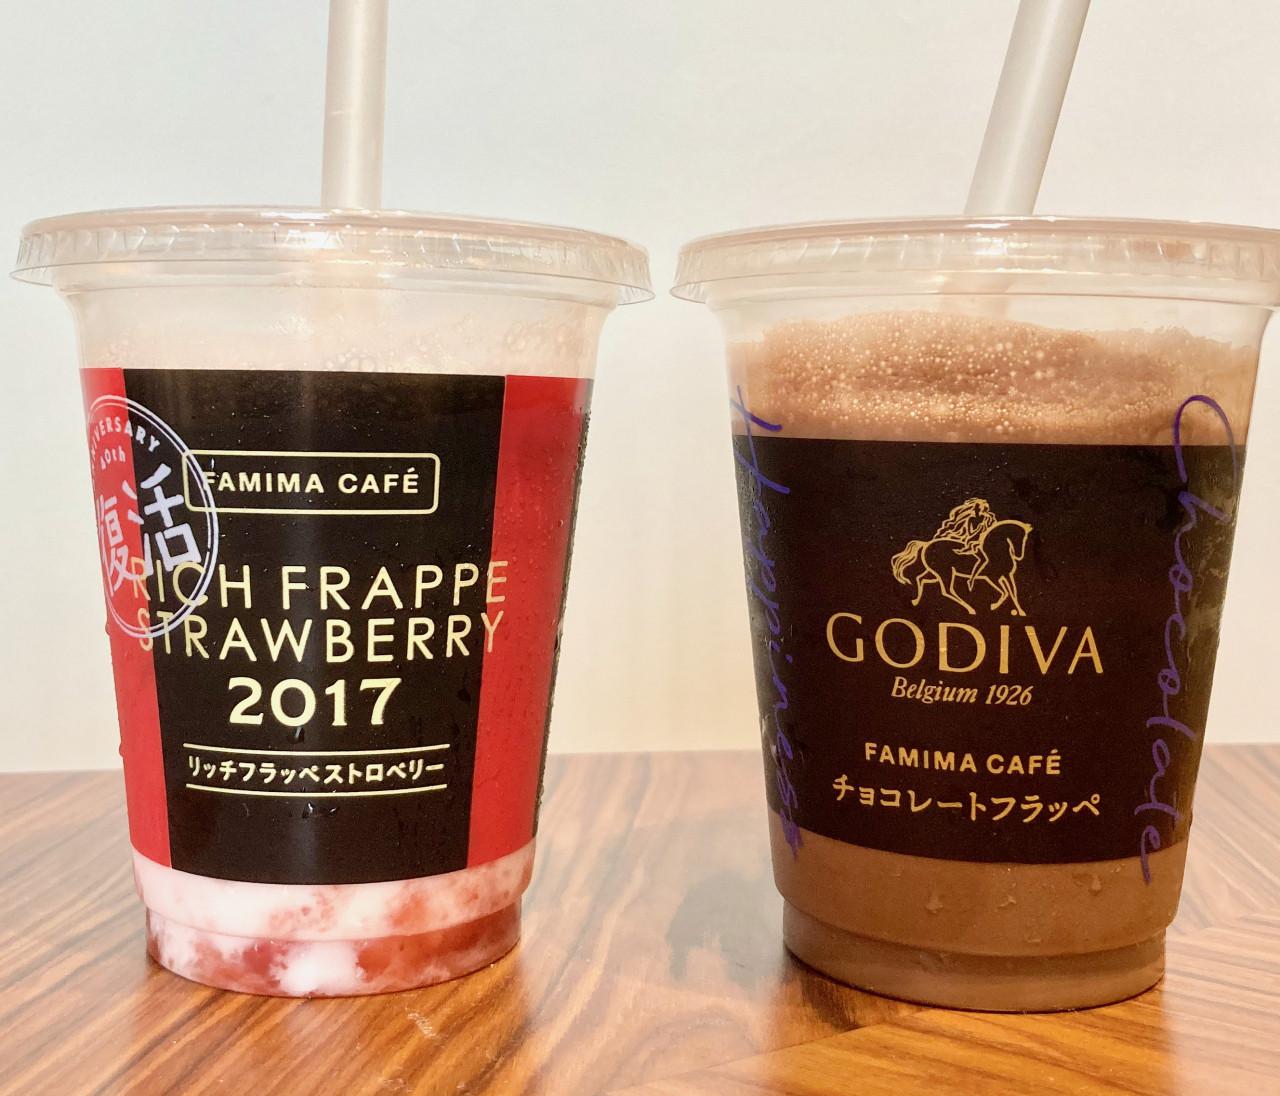 【ファミマ】数量限定・ファミマカフェのフラッペ、今年はゴディバ監修「チョコレートフラッペ」&大ヒット商品復活の「リッチフラッペストロベリー2017」!